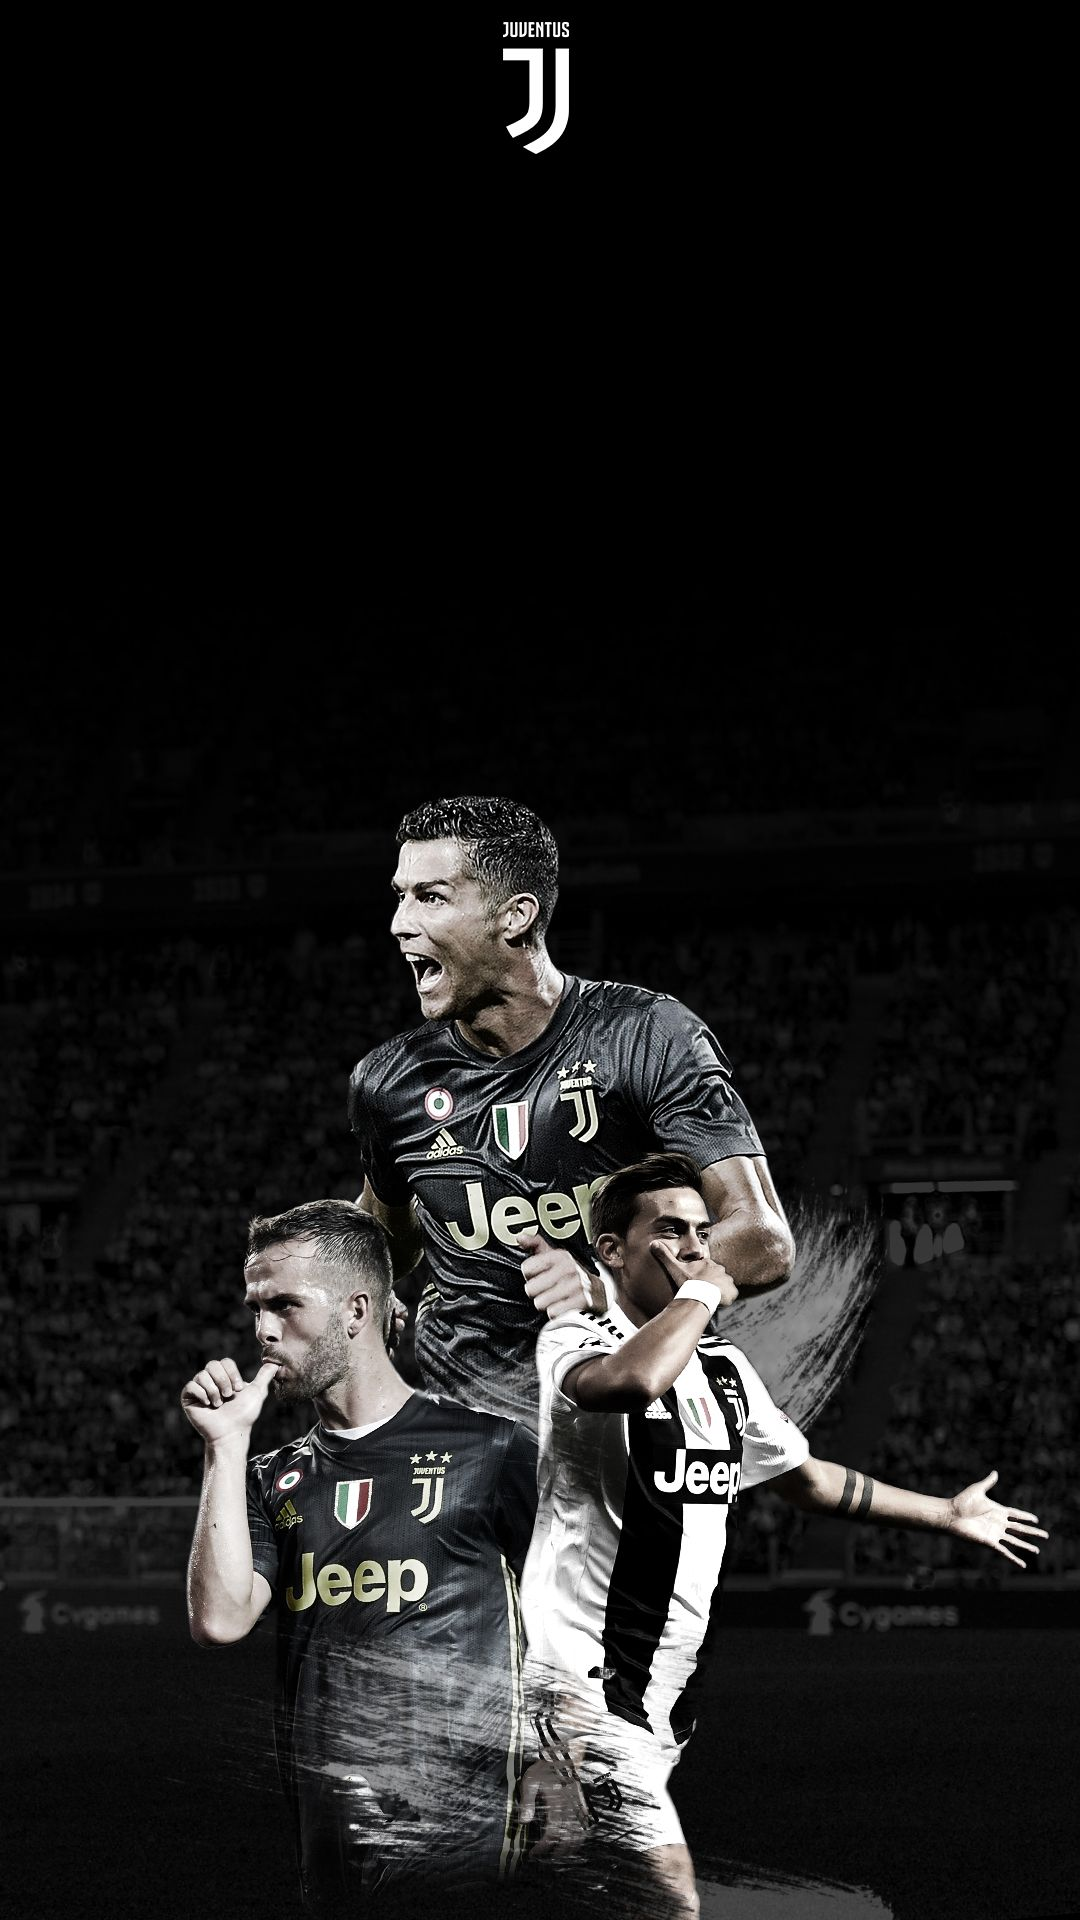 Juventus Dybala Pjanic Ronaldo Squadra di calcio